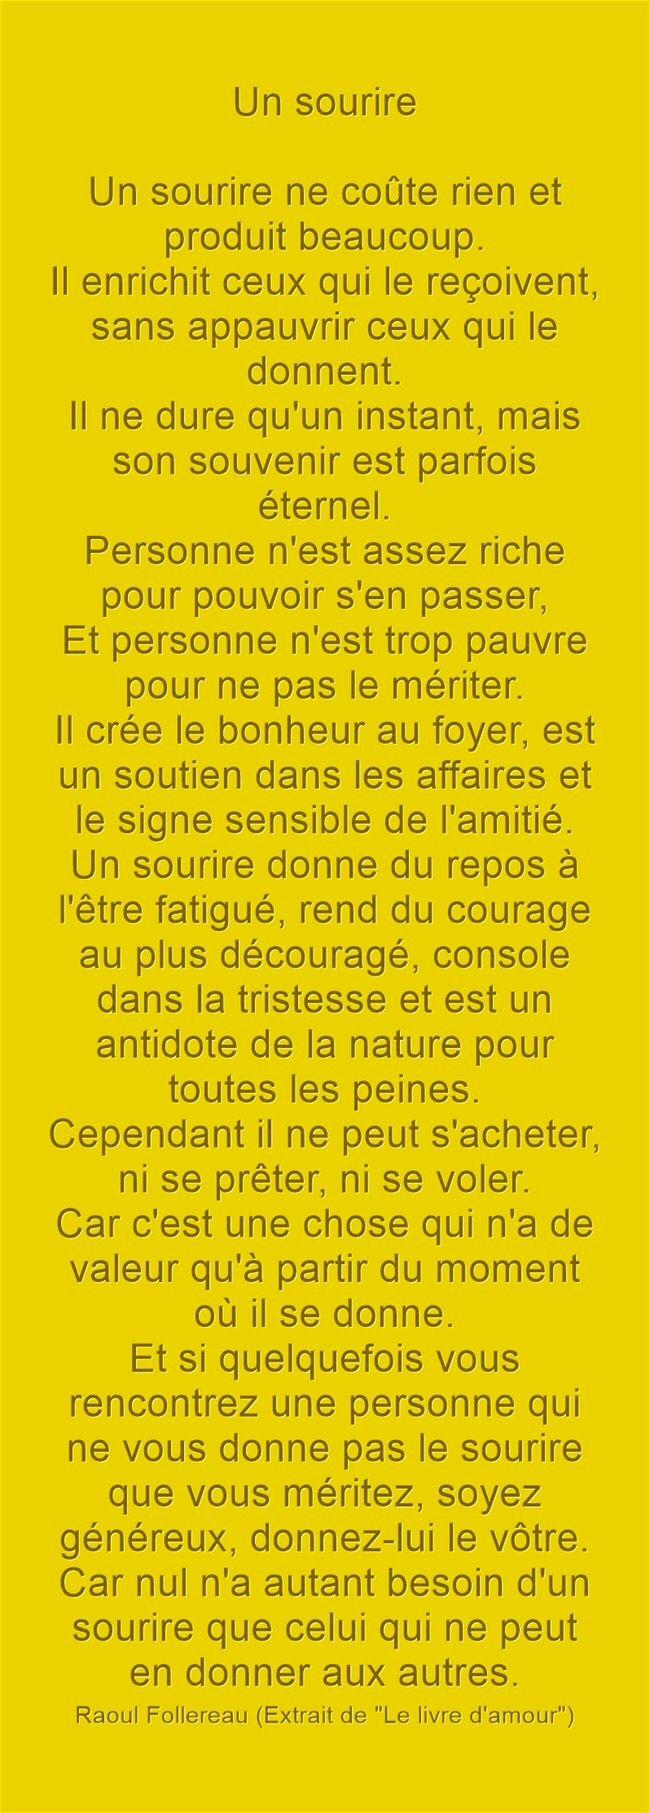 """UN SOURIRE -- Raoul Follereau (Extrait de """"Le livre d'amour"""")"""